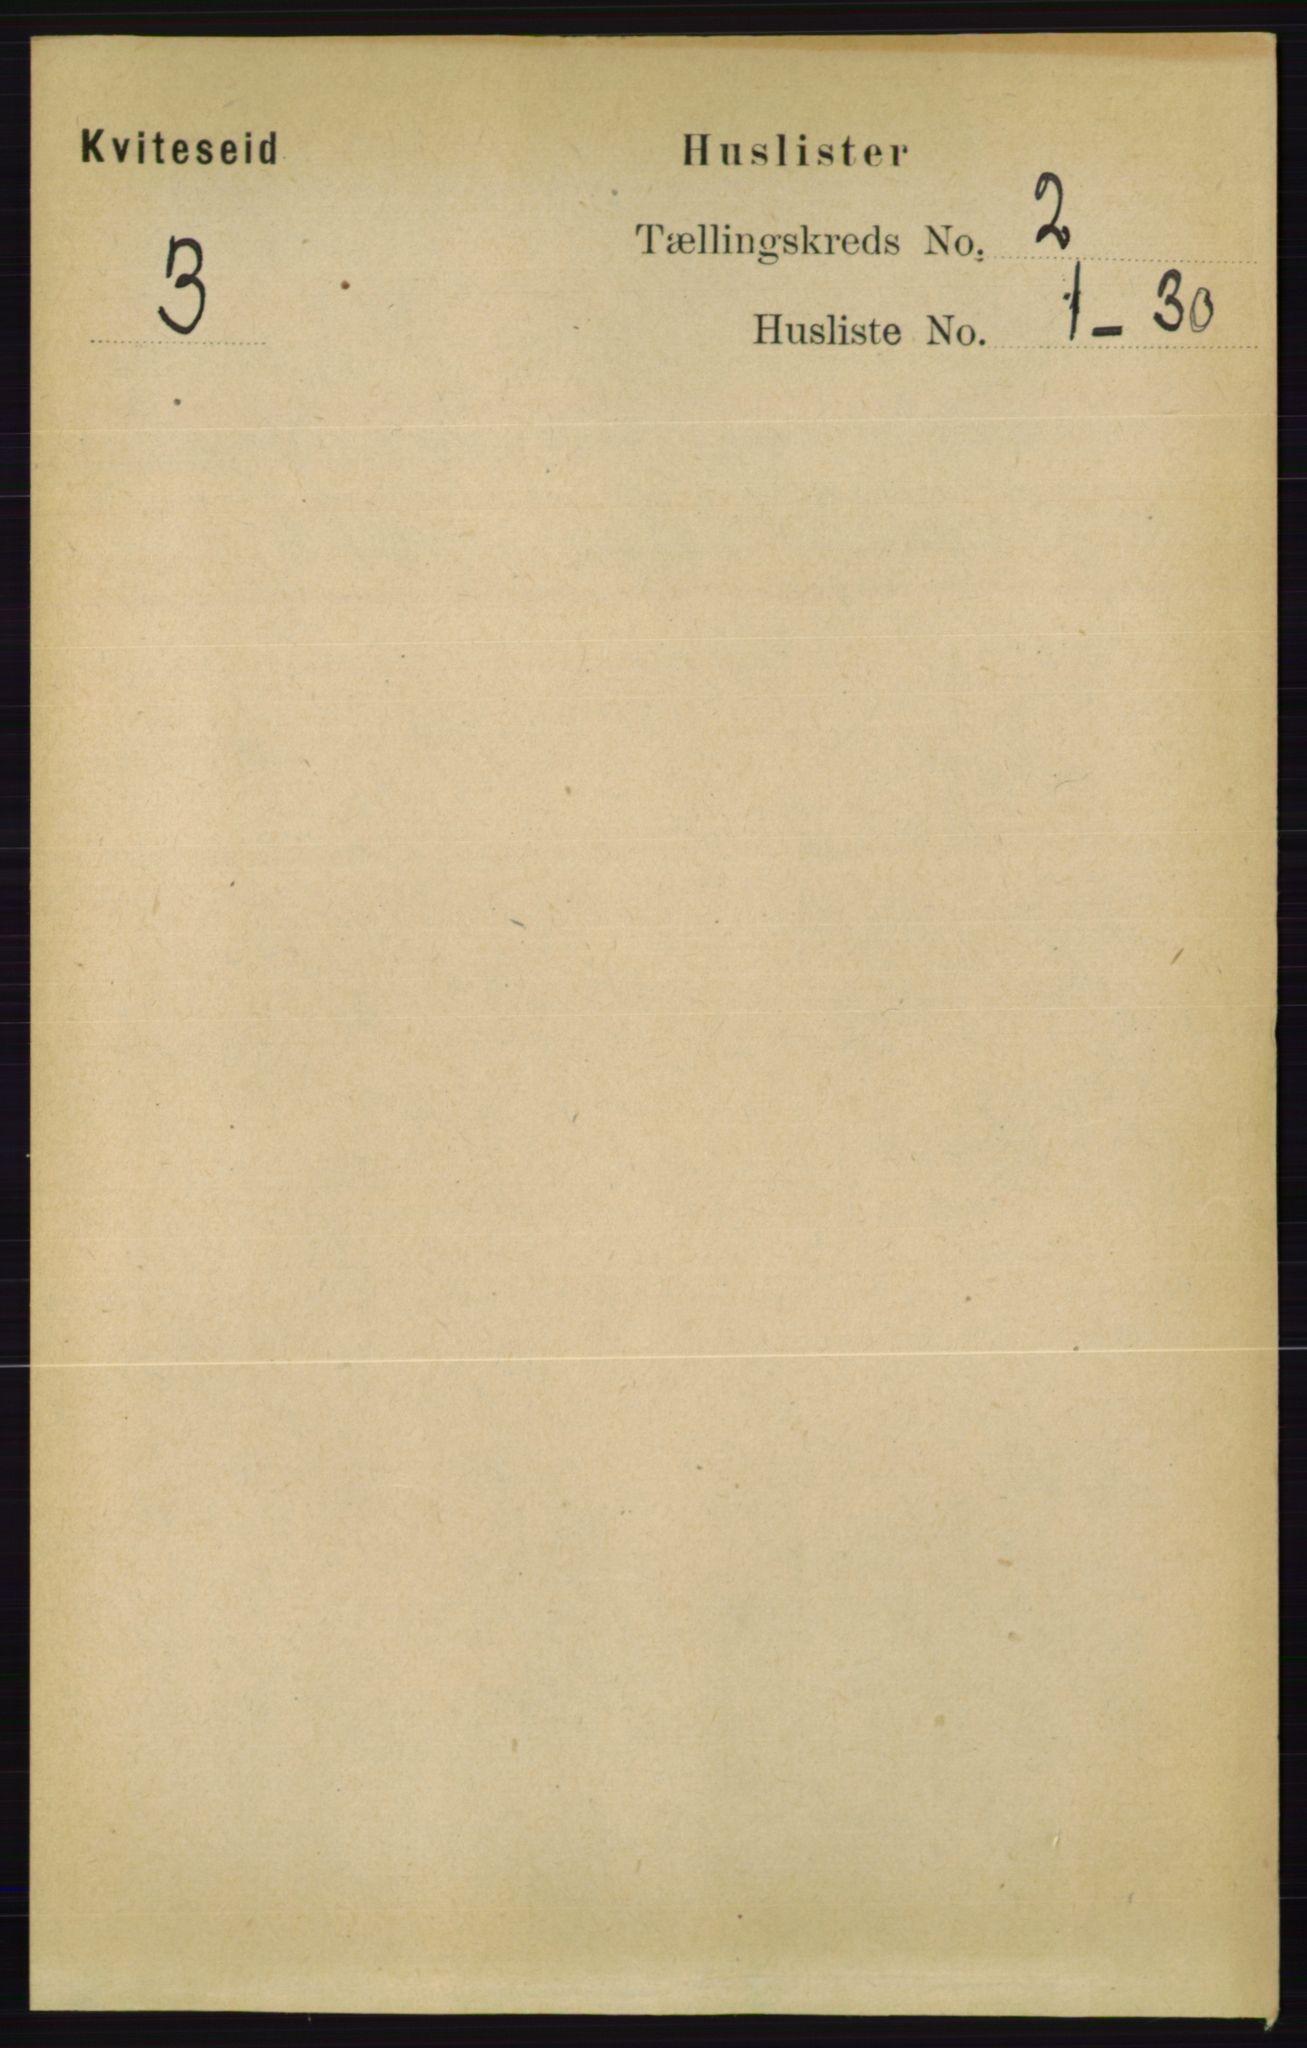 RA, Folketelling 1891 for 0829 Kviteseid herred, 1891, s. 258